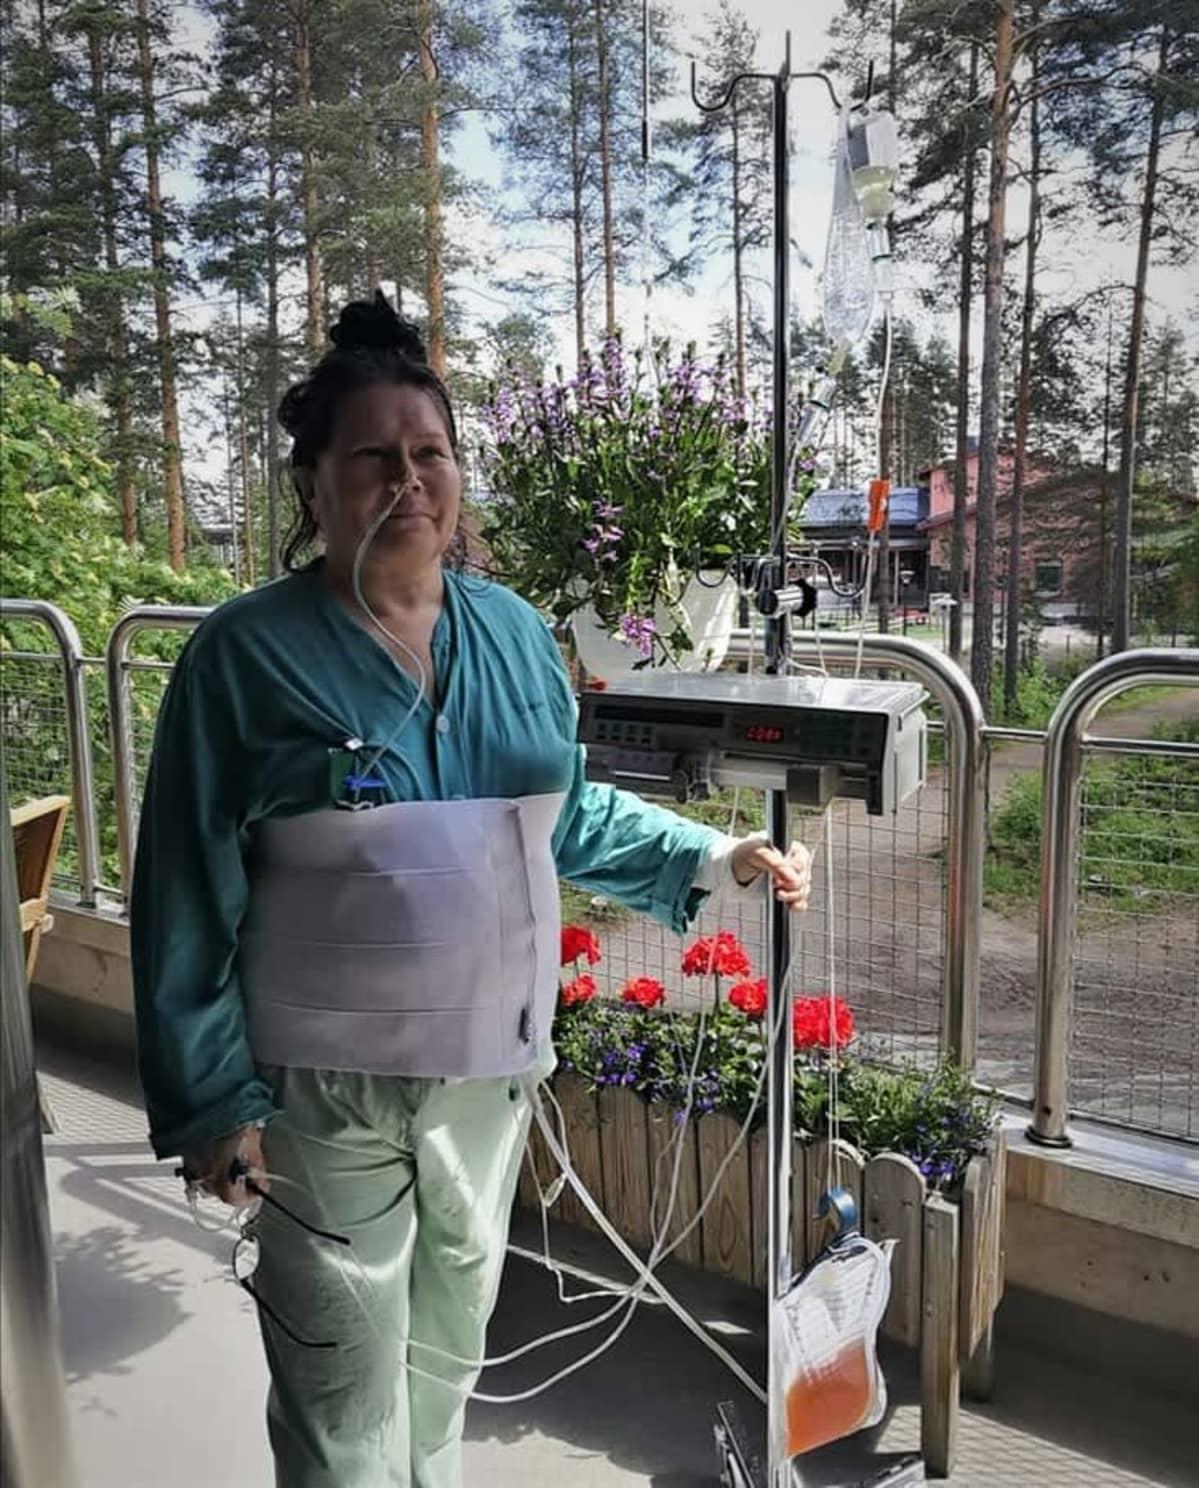 Heli Tuikka Keski-Suomen keskussairaalassa kesällä 2019.